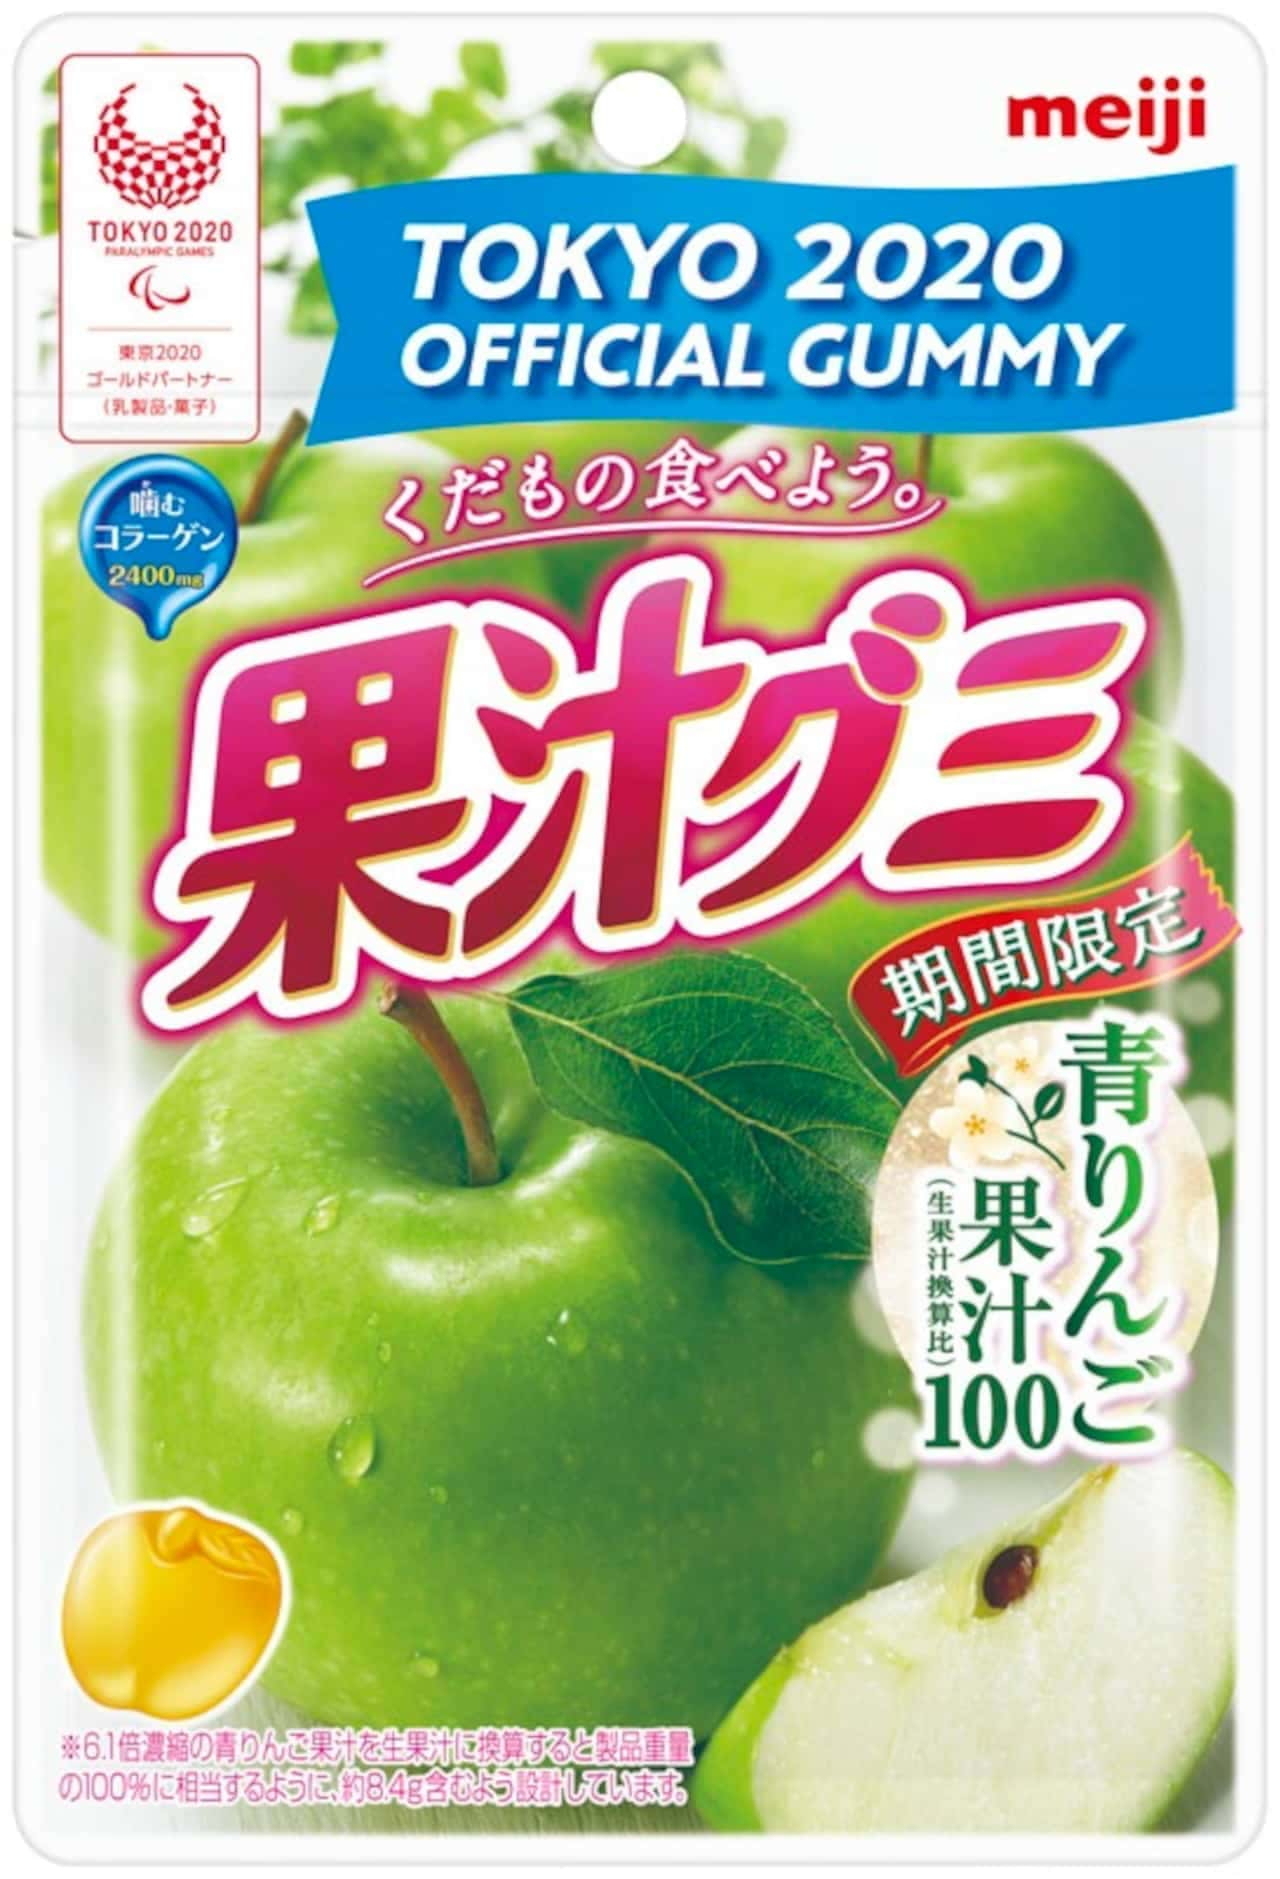 明治「果汁グミ青りんご」